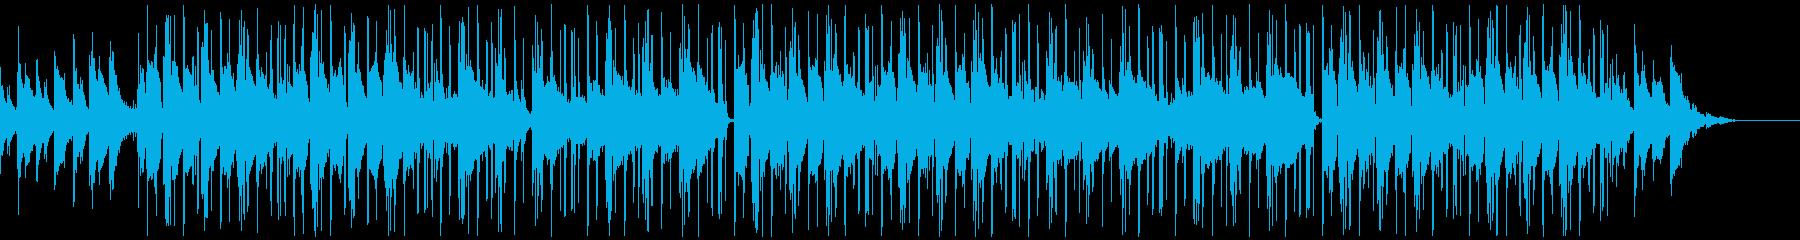 穏やか・メランコリック/チルアウトBGMの再生済みの波形